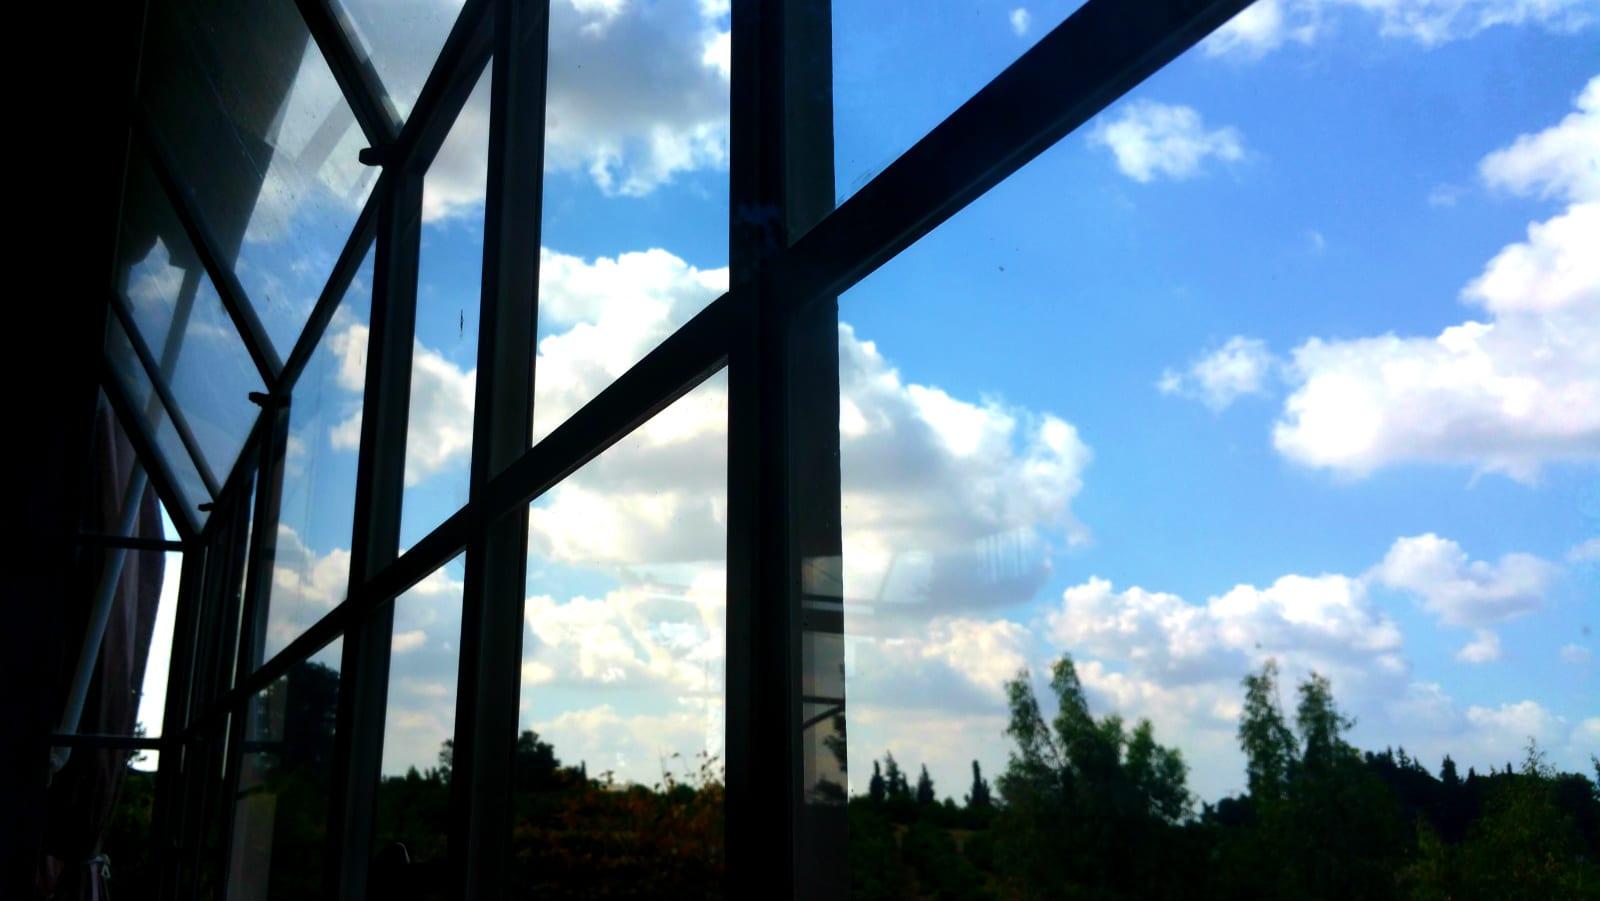 מבט אל החוץ - פרדסים ושדות - למכירה בבני ציון